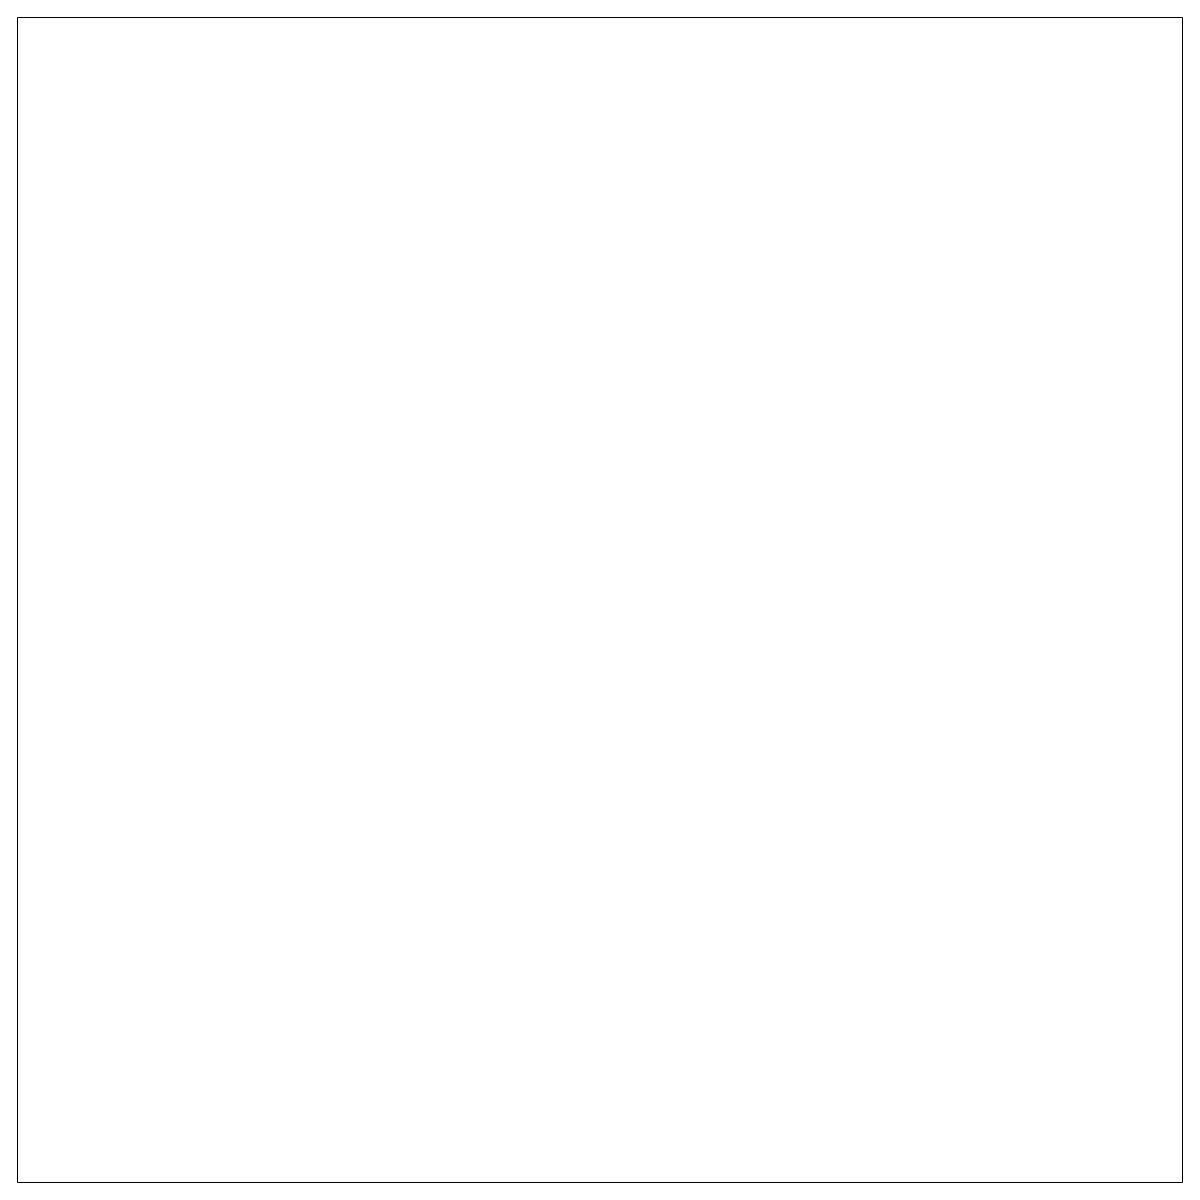 Pellicola Plain bianco 0.45x2 m